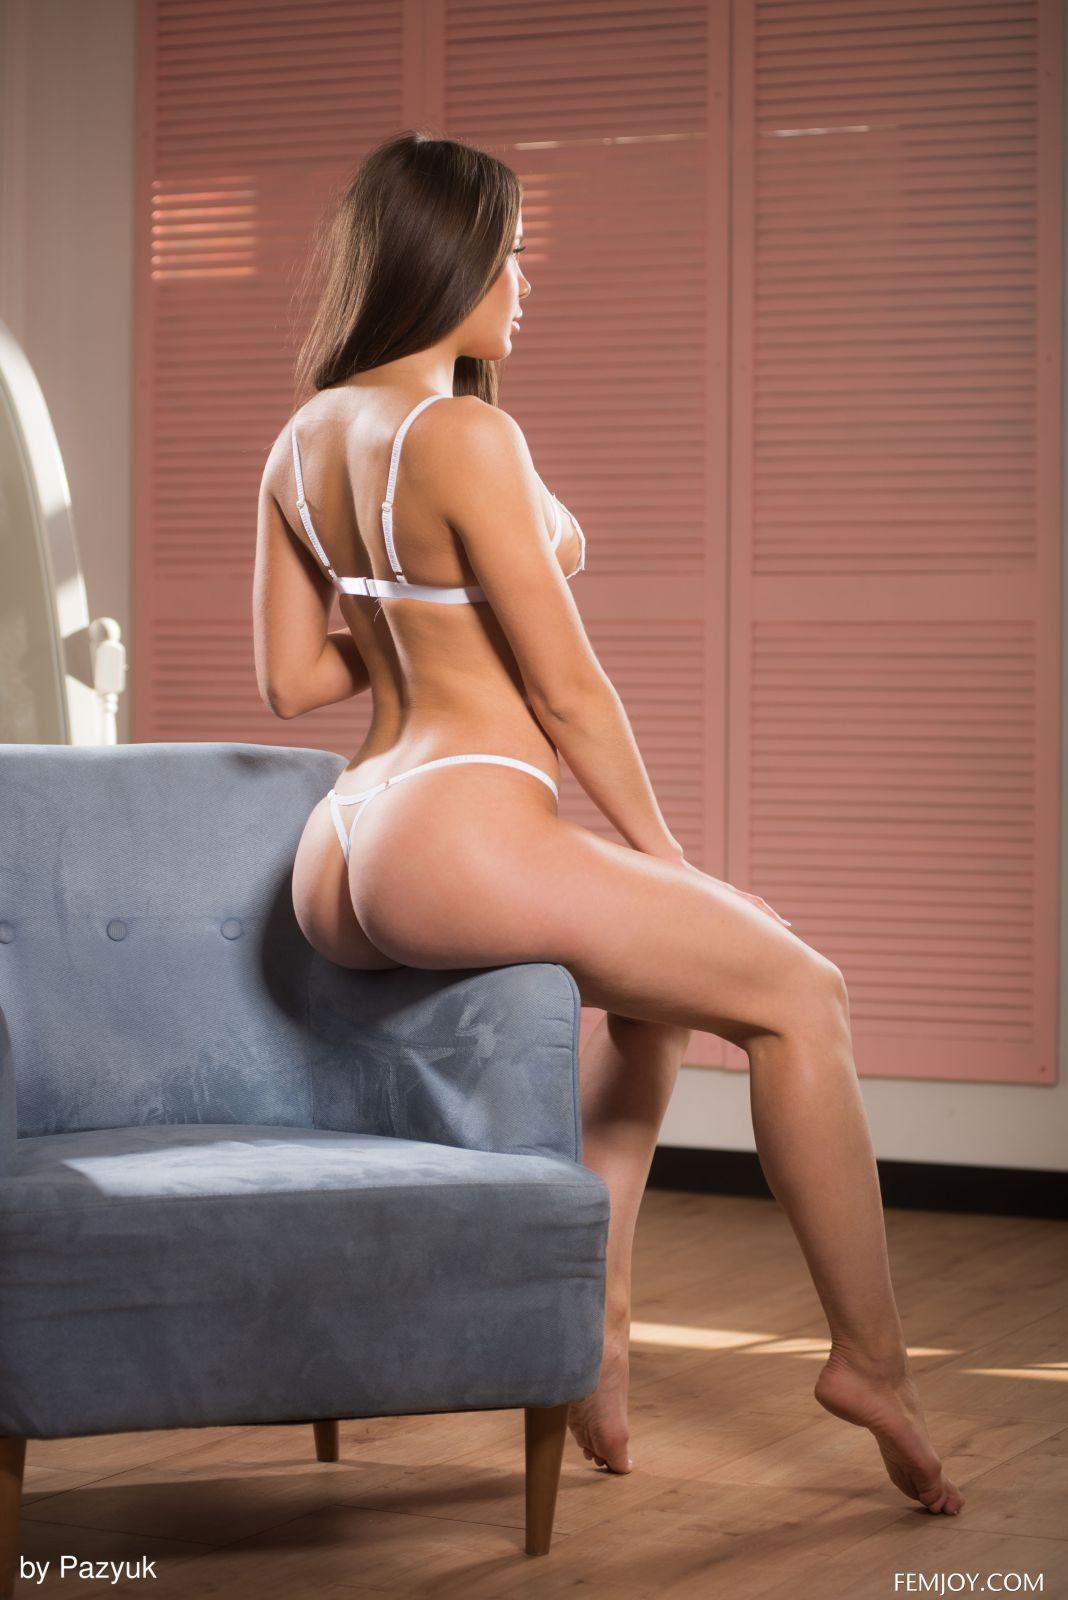 Девушка в нижнем белье на кресле - фото